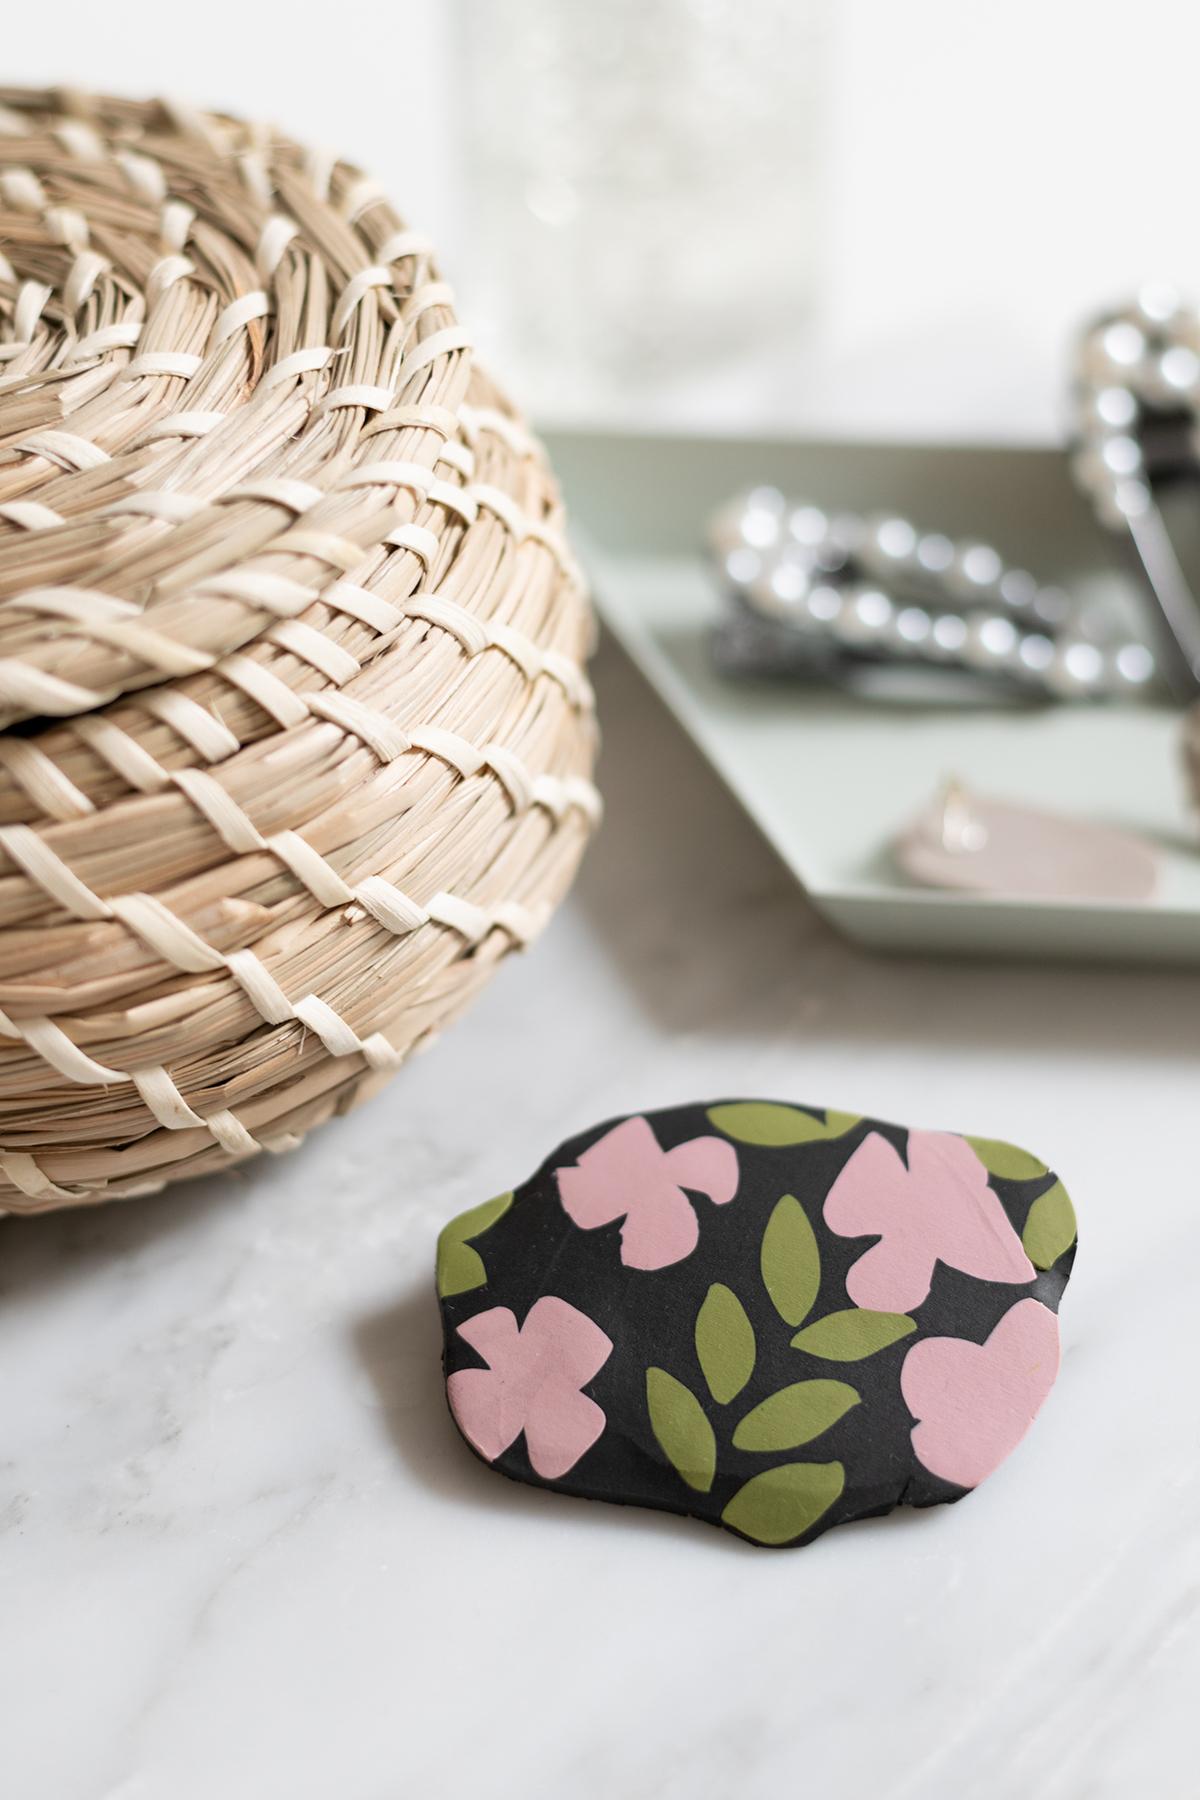 DIY: Brosche aus Fimo mit Blumenmuster | we love handmade